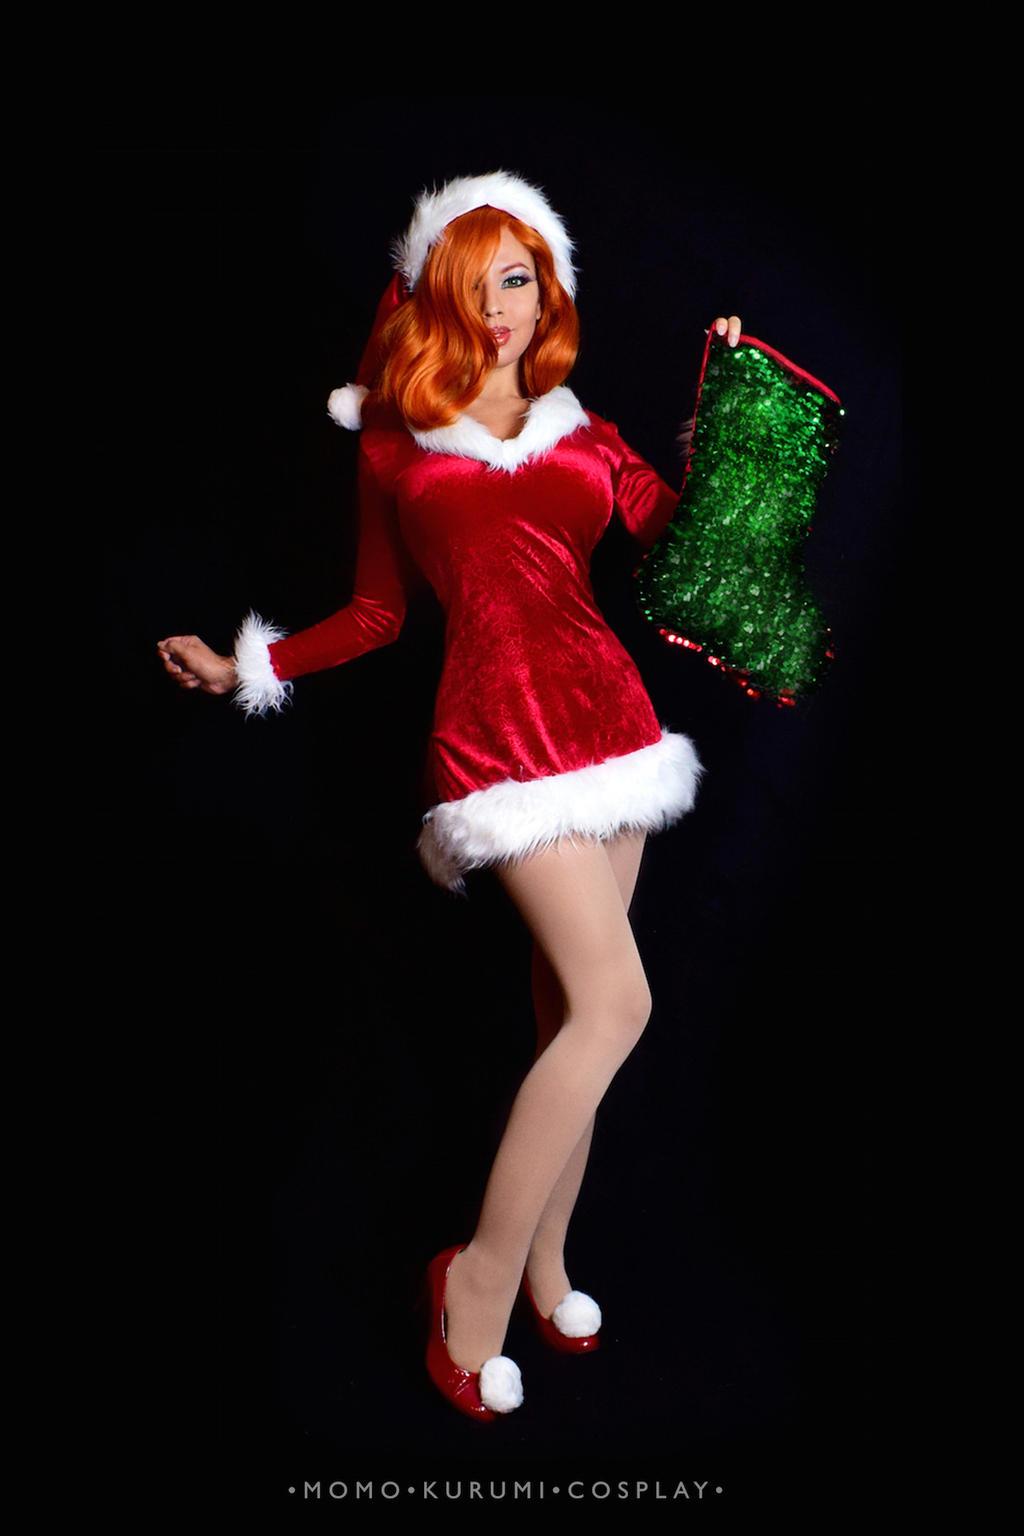 Jessica Rabbit: Christmas Cheer by MomoKurumi